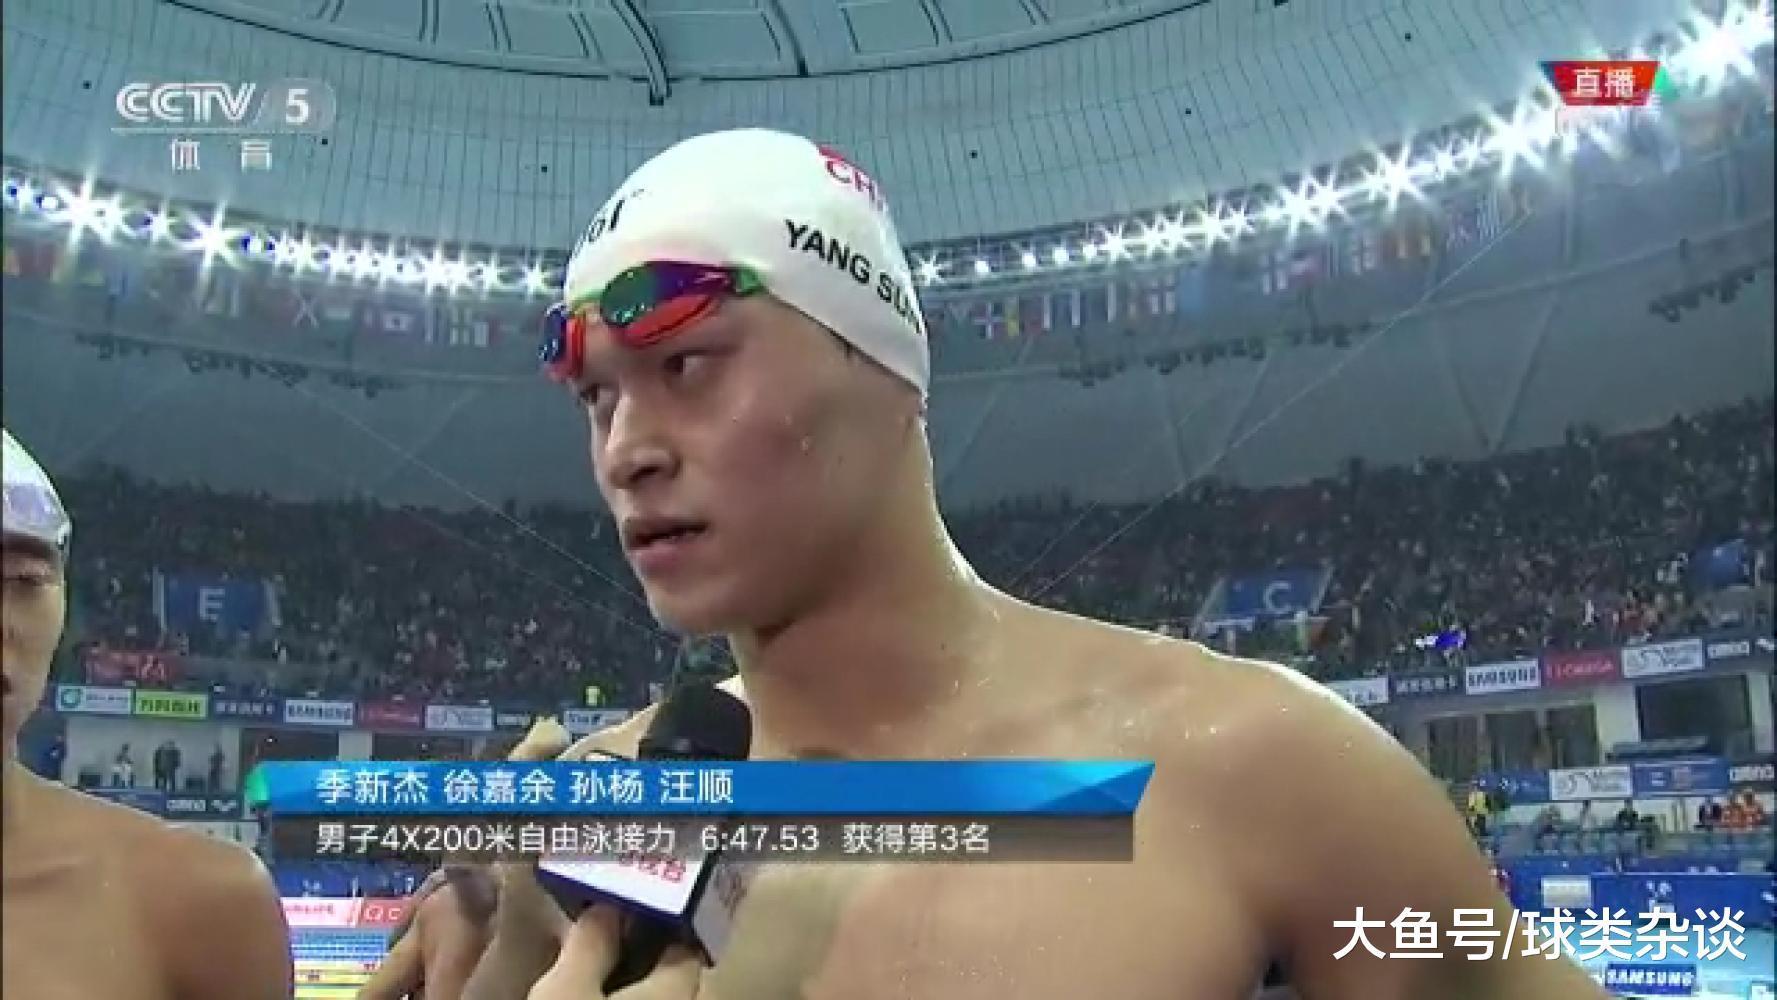 短池游泳世锦赛: 孙杨发衔4×200米接力队, 破世界记载获第三